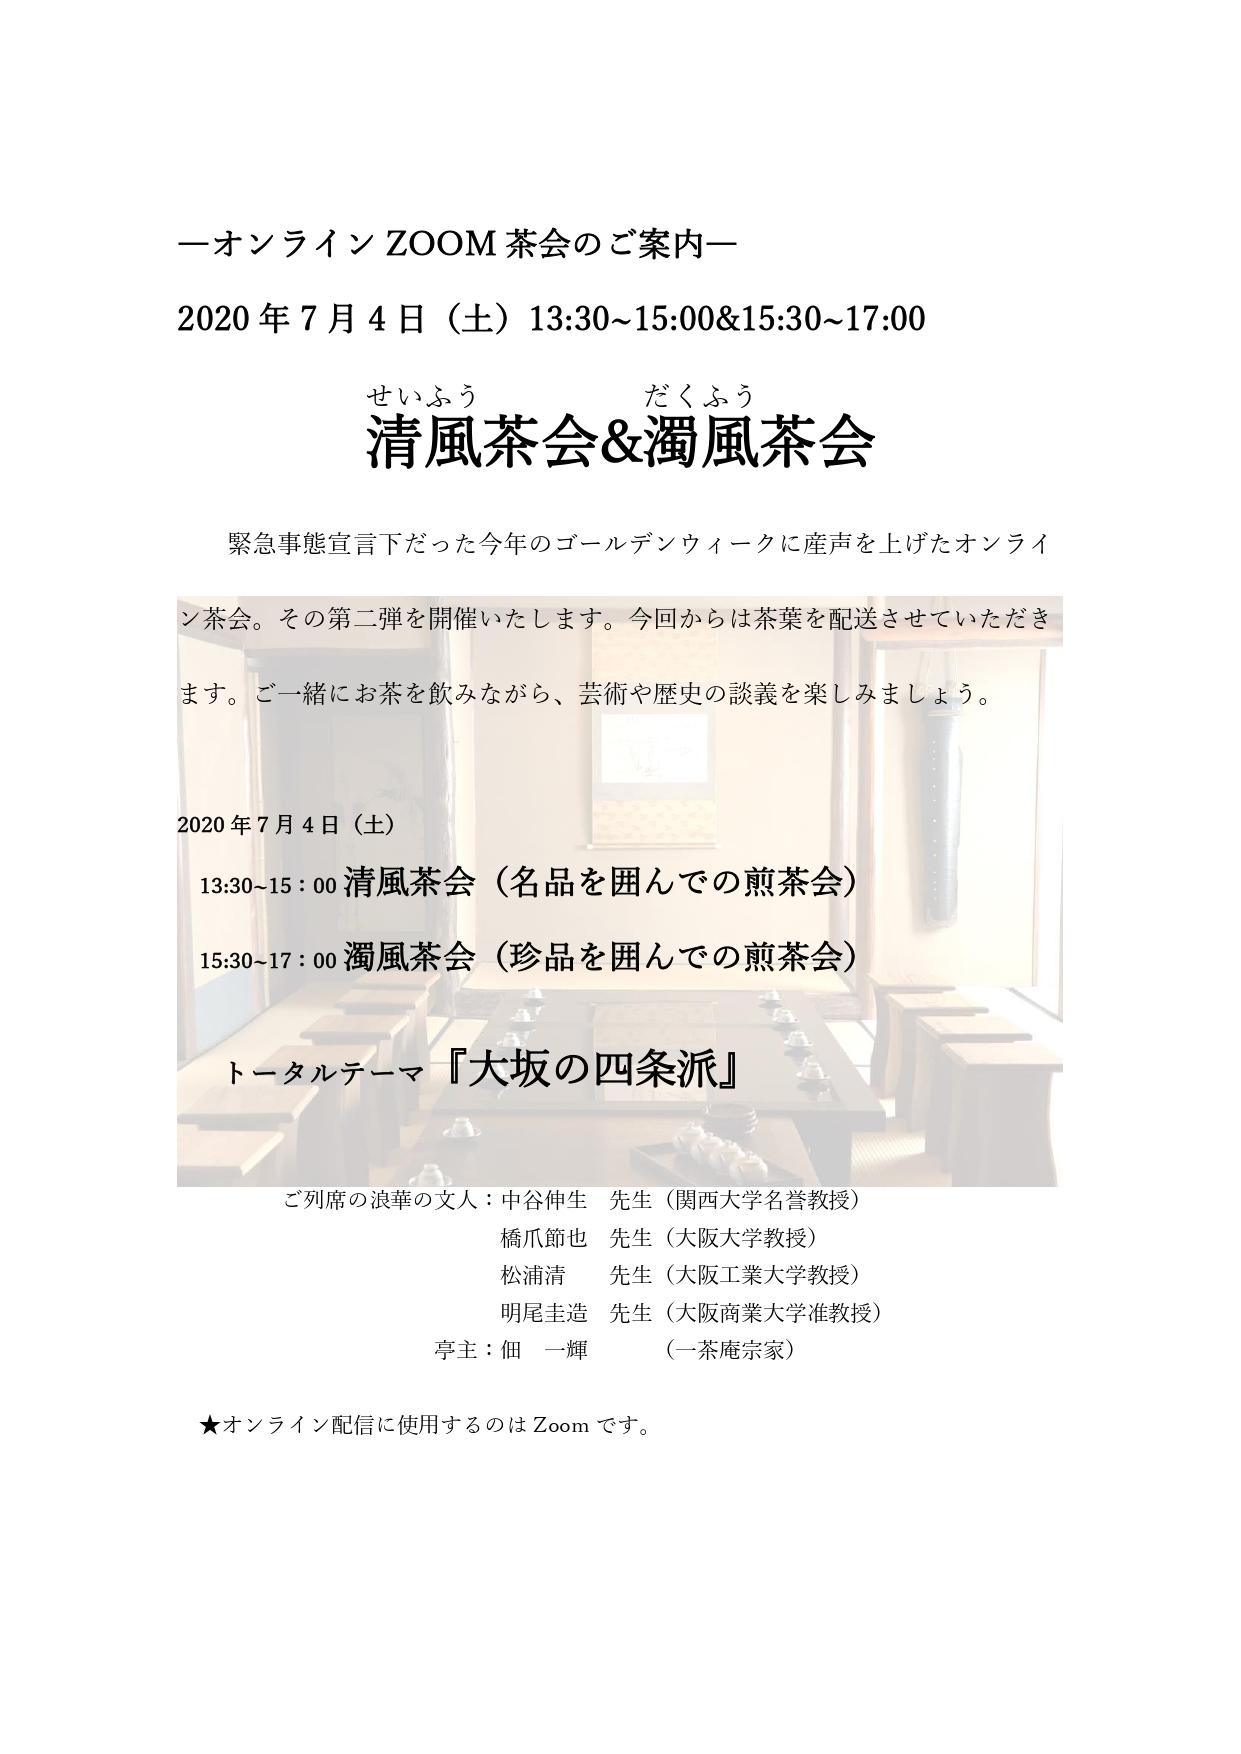 7月4日(土)清風茶会&濁風茶会事前勉強会動画vol.2